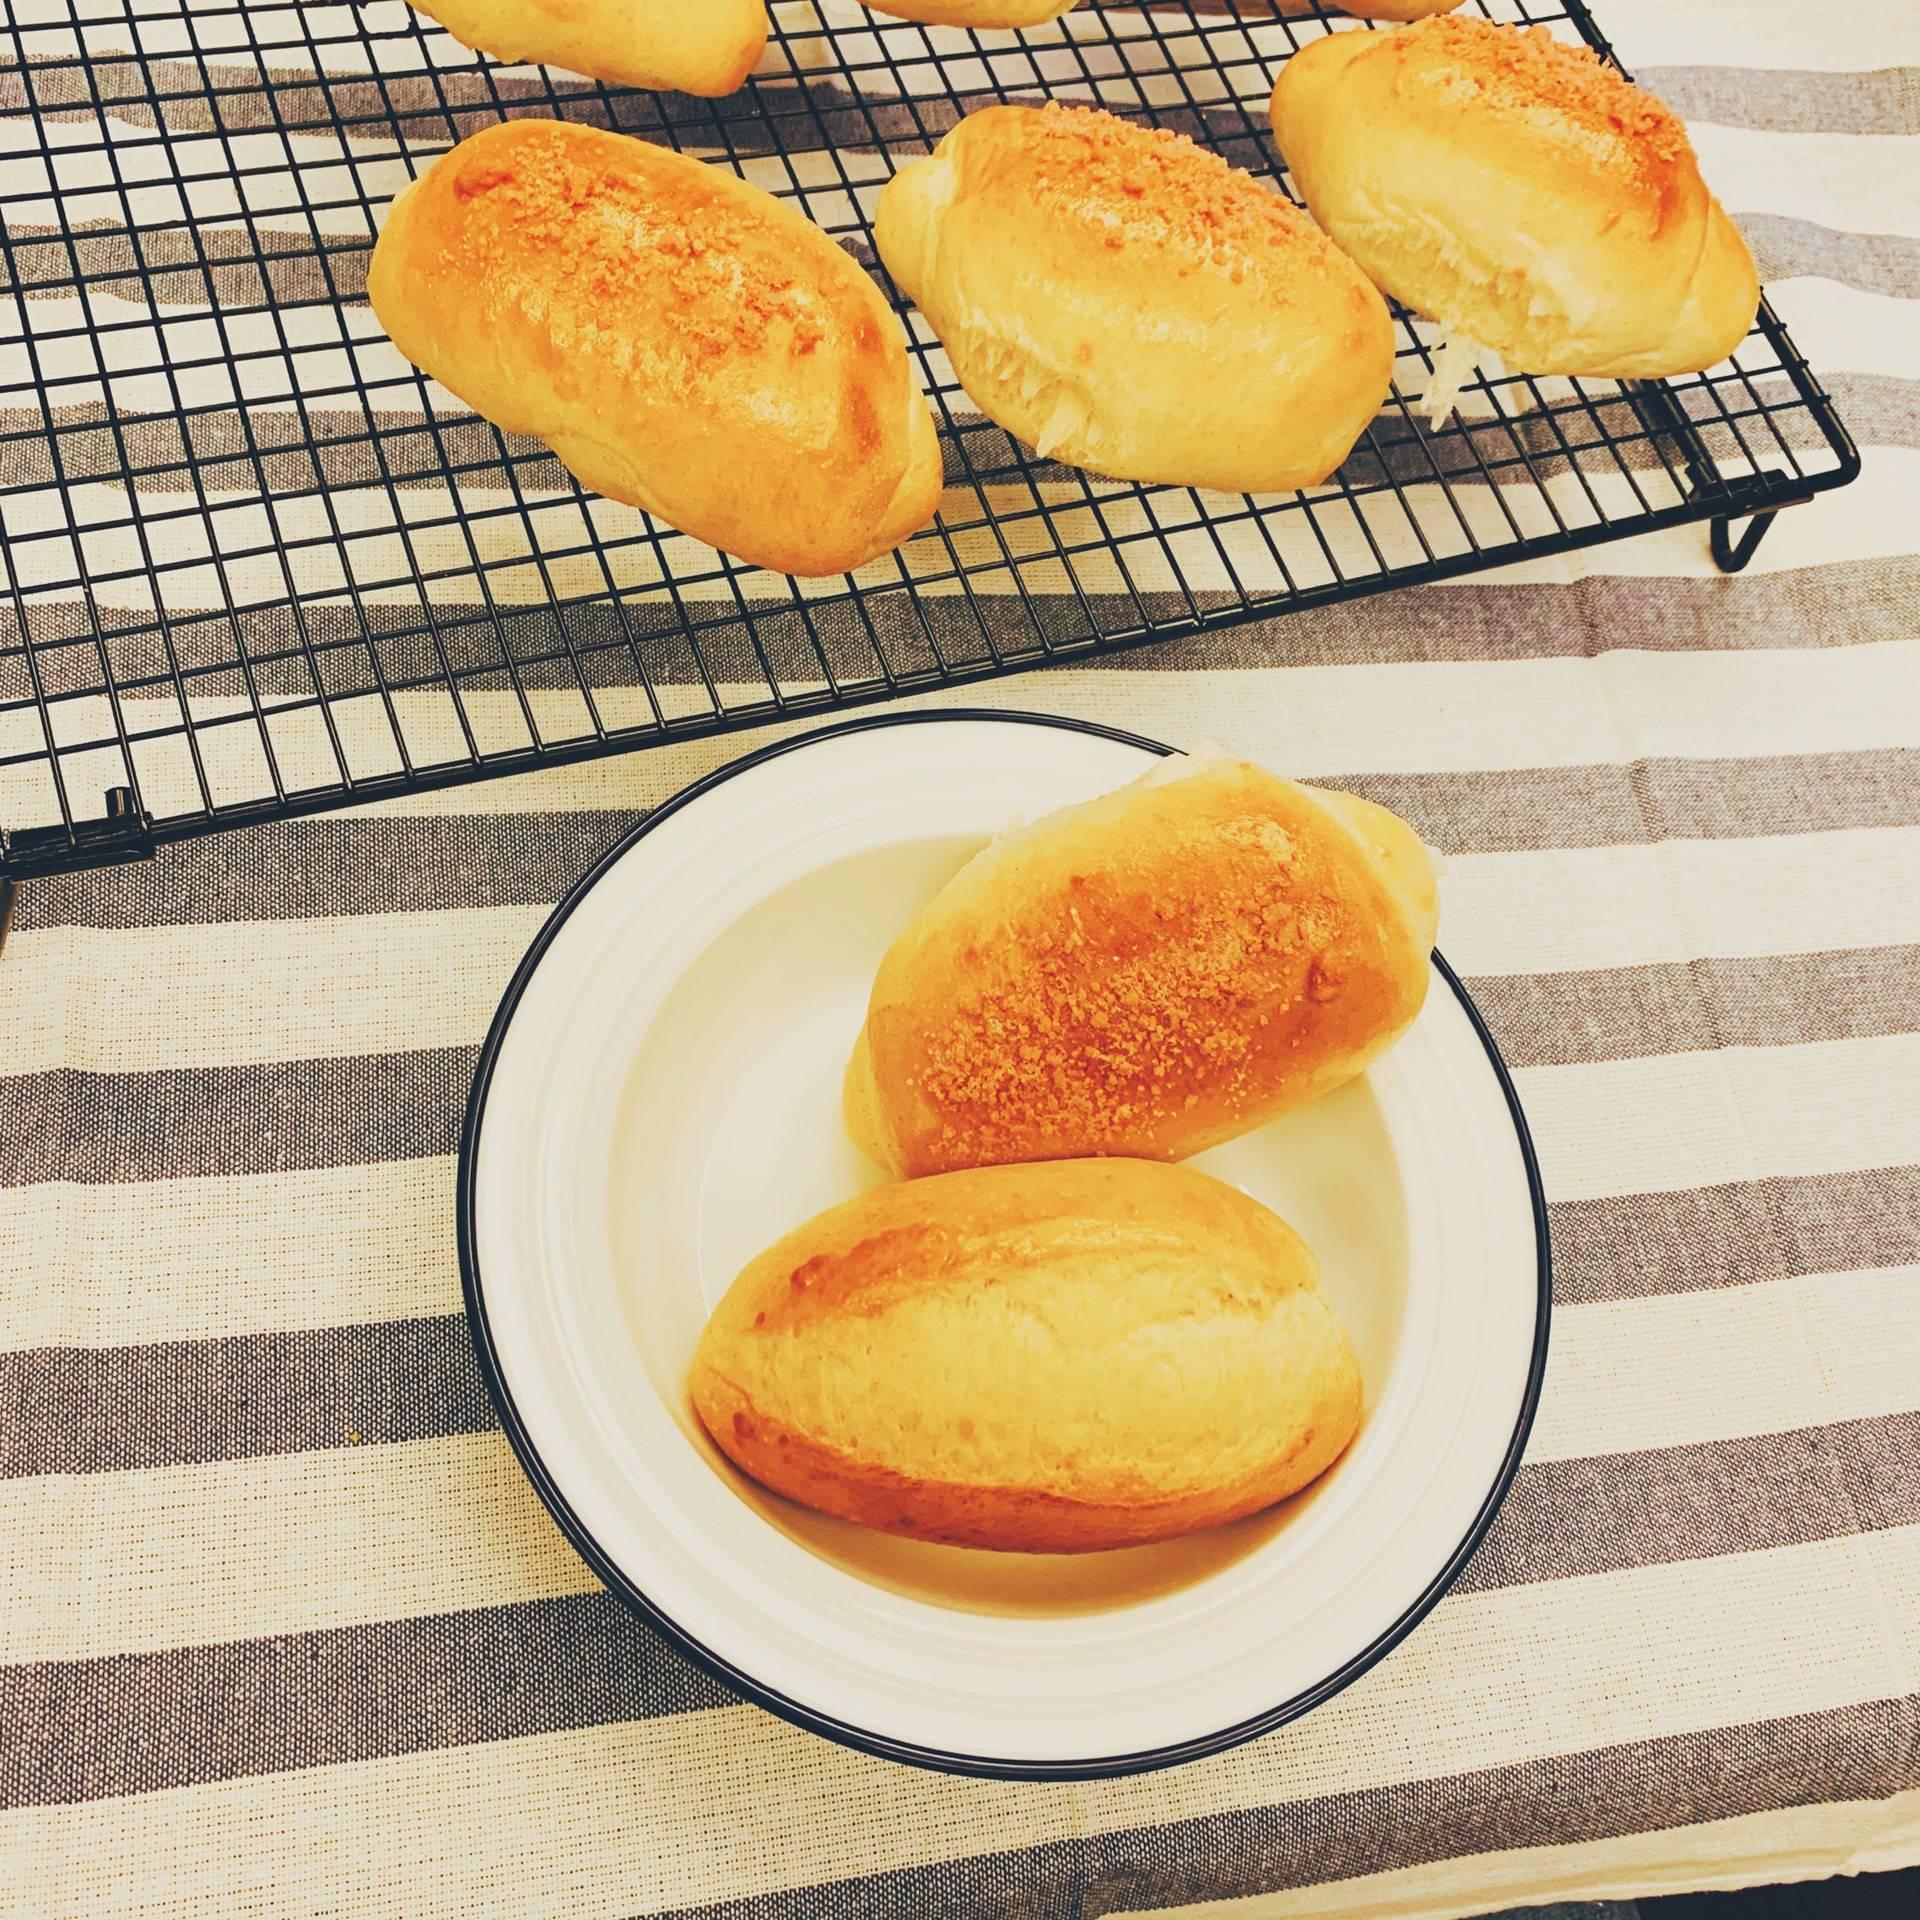 快手豆浆面包的做法+配方,又软又能拉丝,好吃